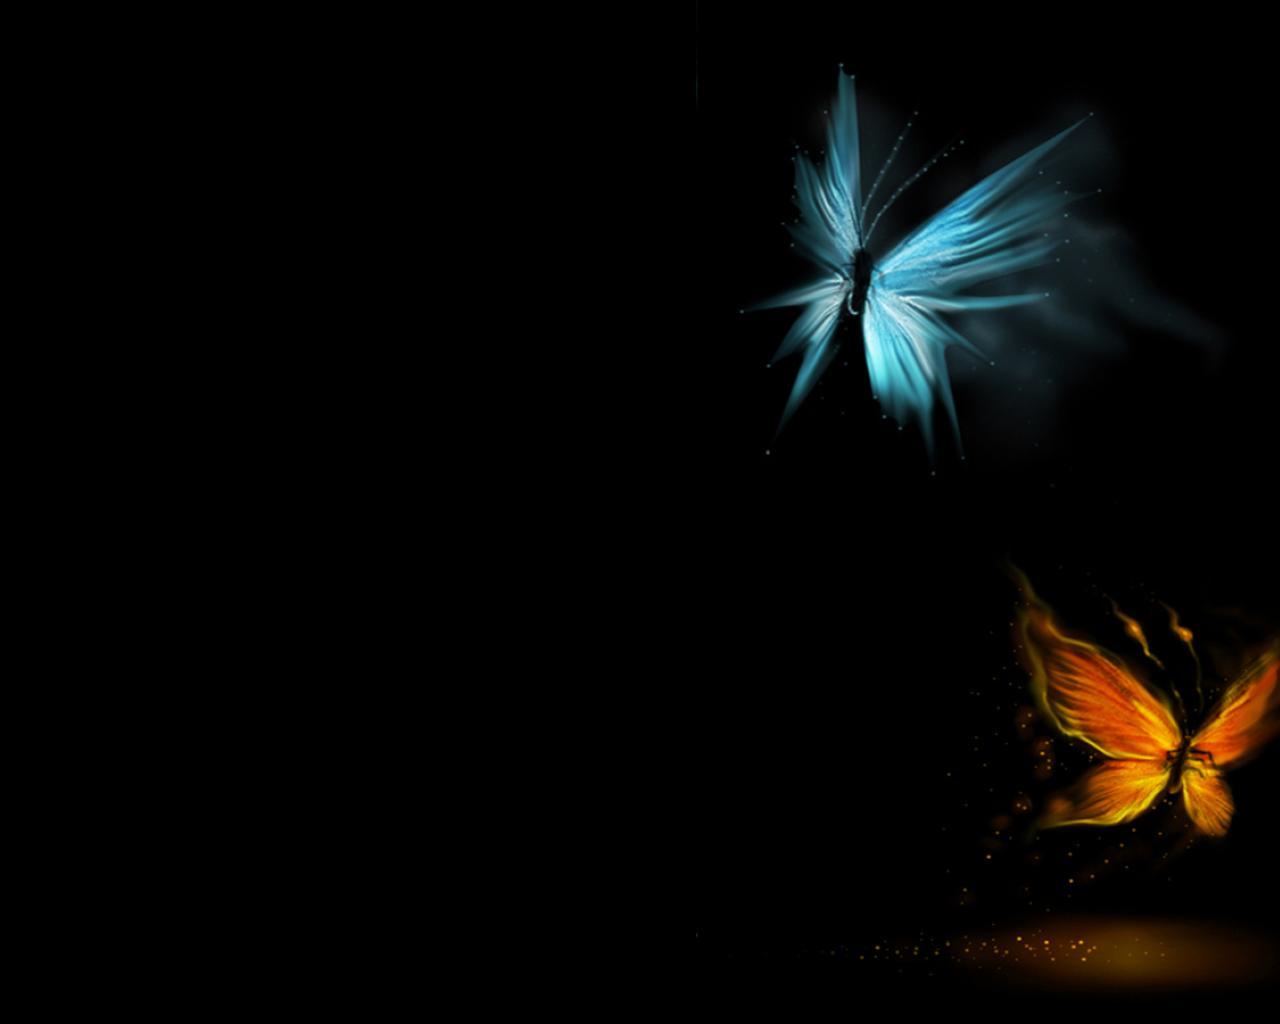 blue yellow butterfly gold butterflies 1600x1200 HD Wallpaper of 1280x1024